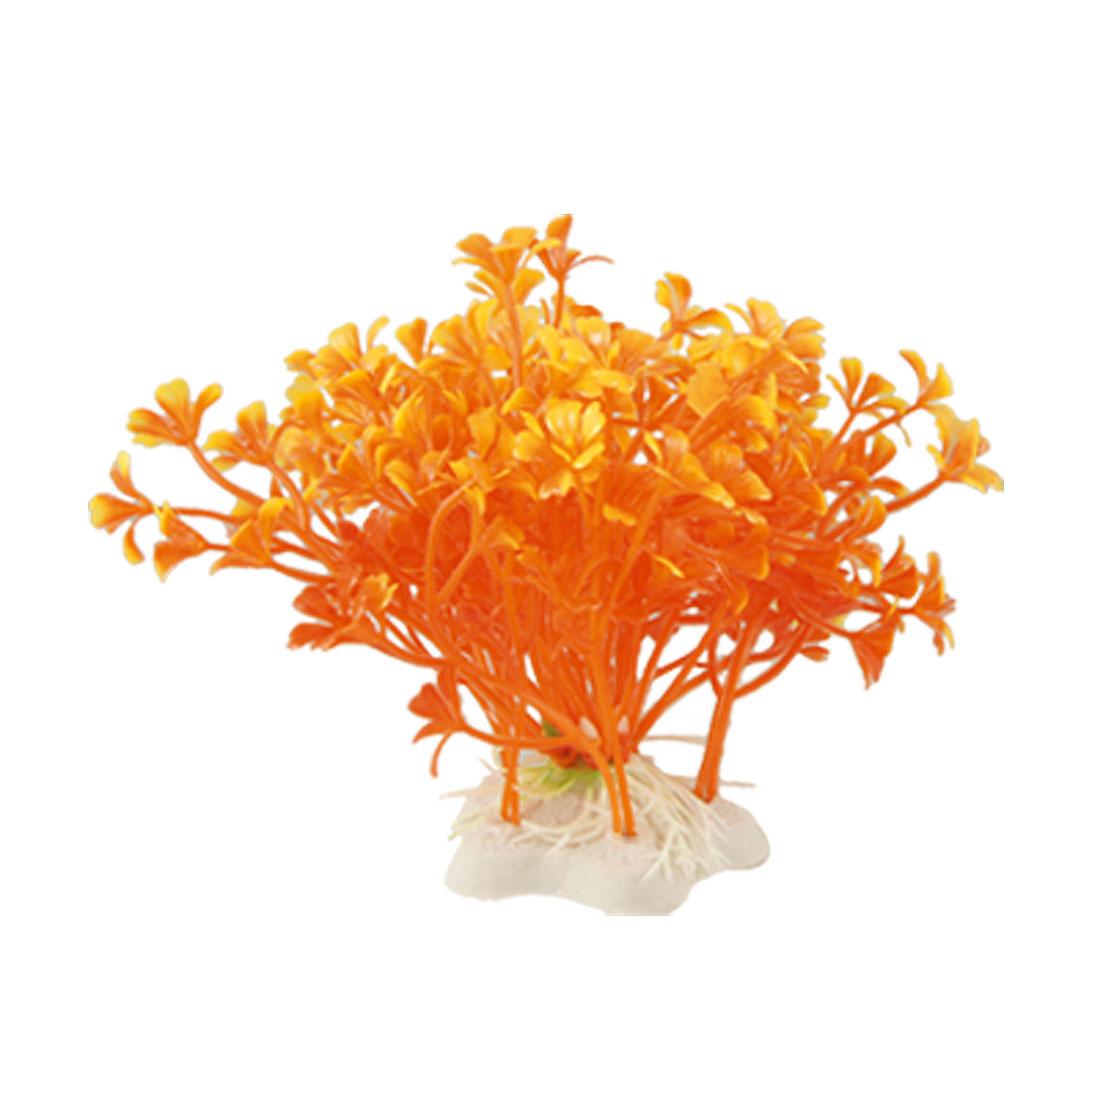 Aquarium Landscaping Orange Plastic Plants w Star Ceramic Base